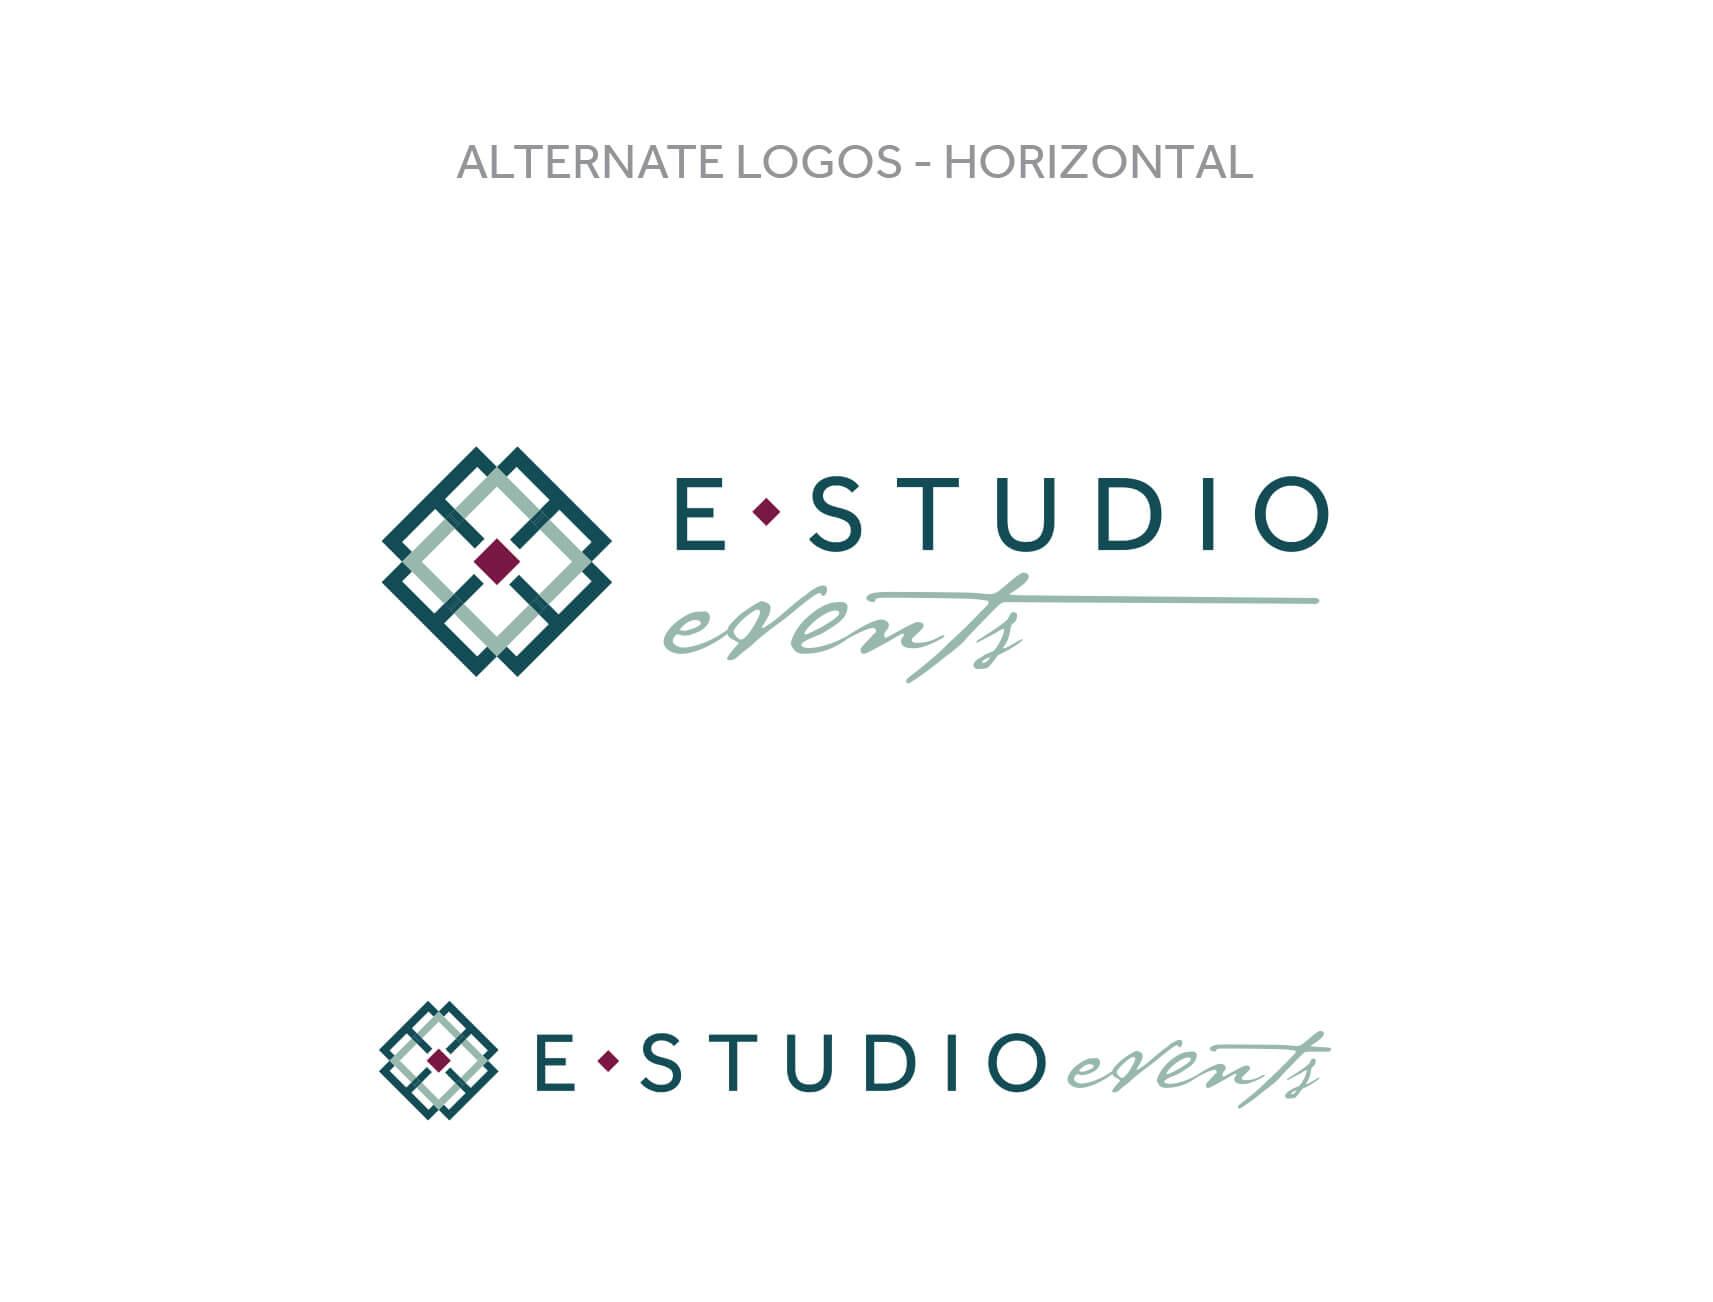 E Studio Events Secondary Logo